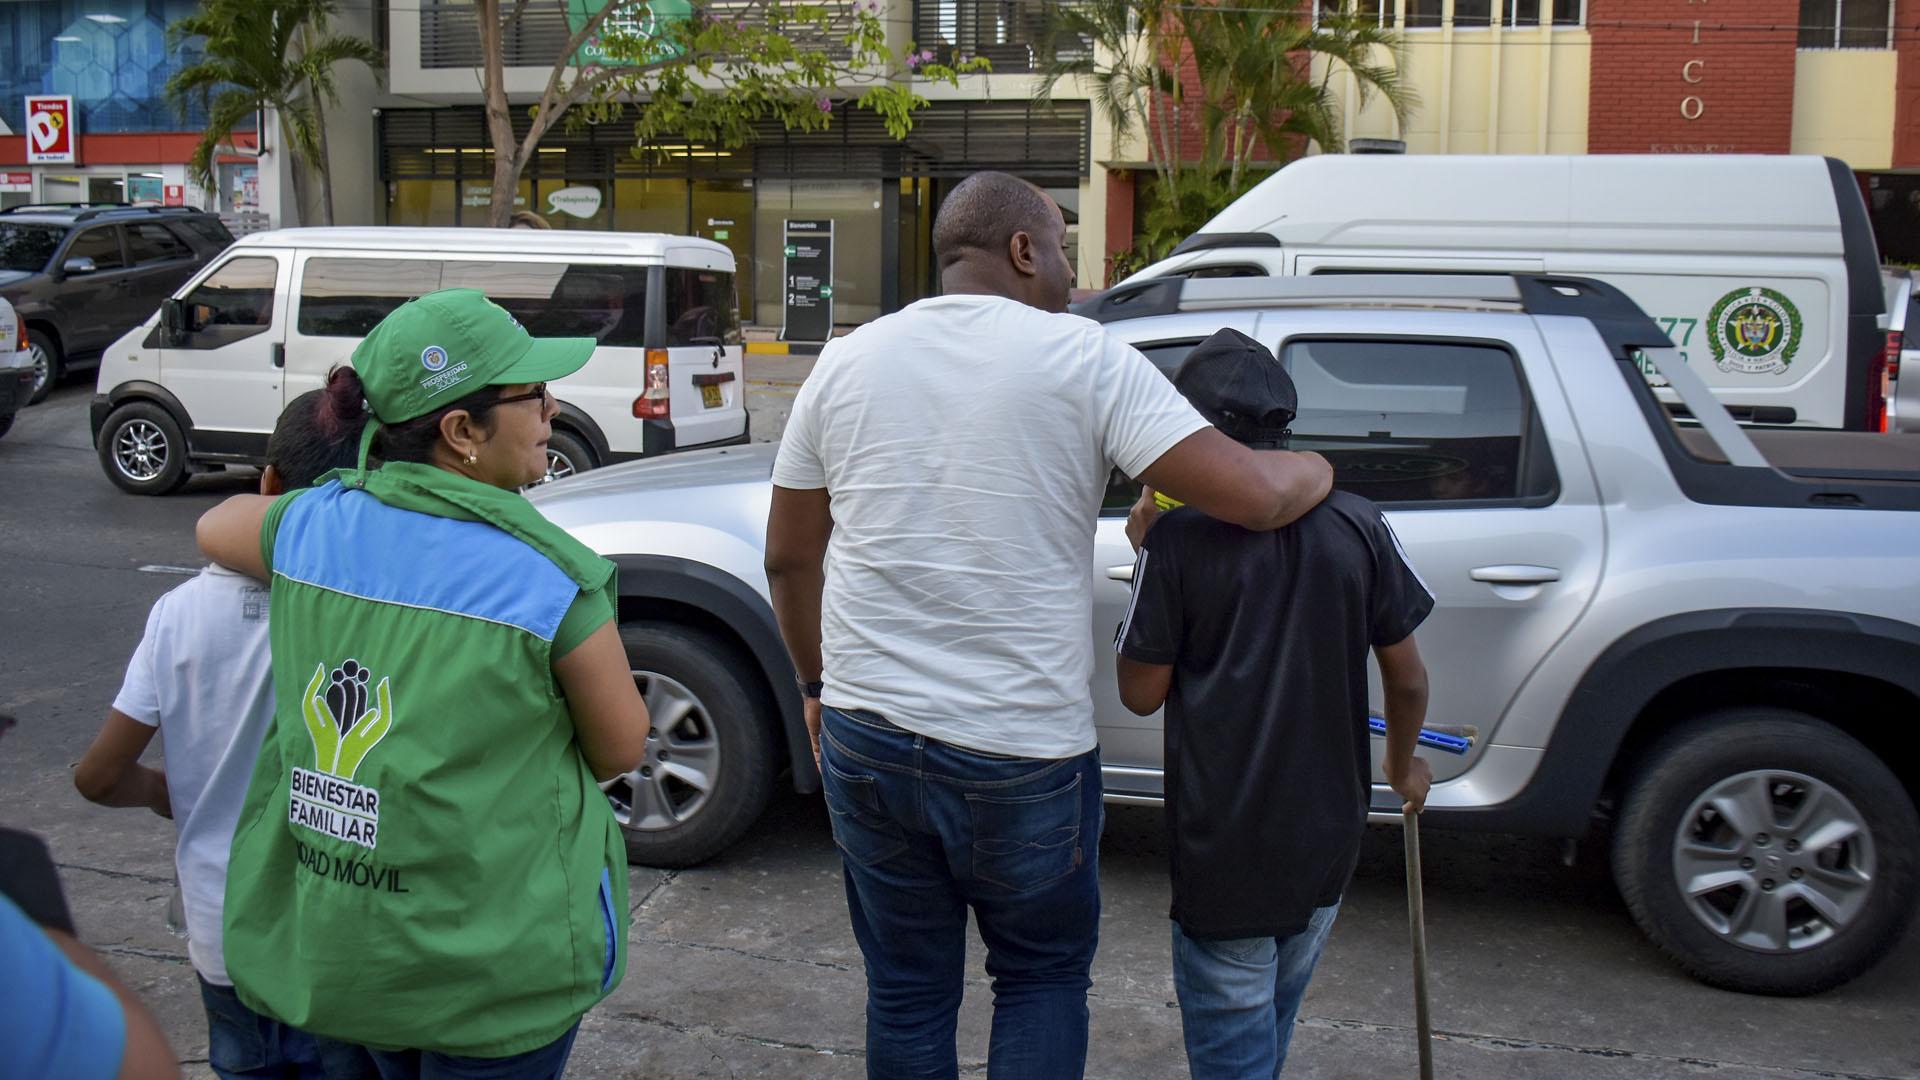 Dos menores que lavan vidrios son llevados a la unidad.